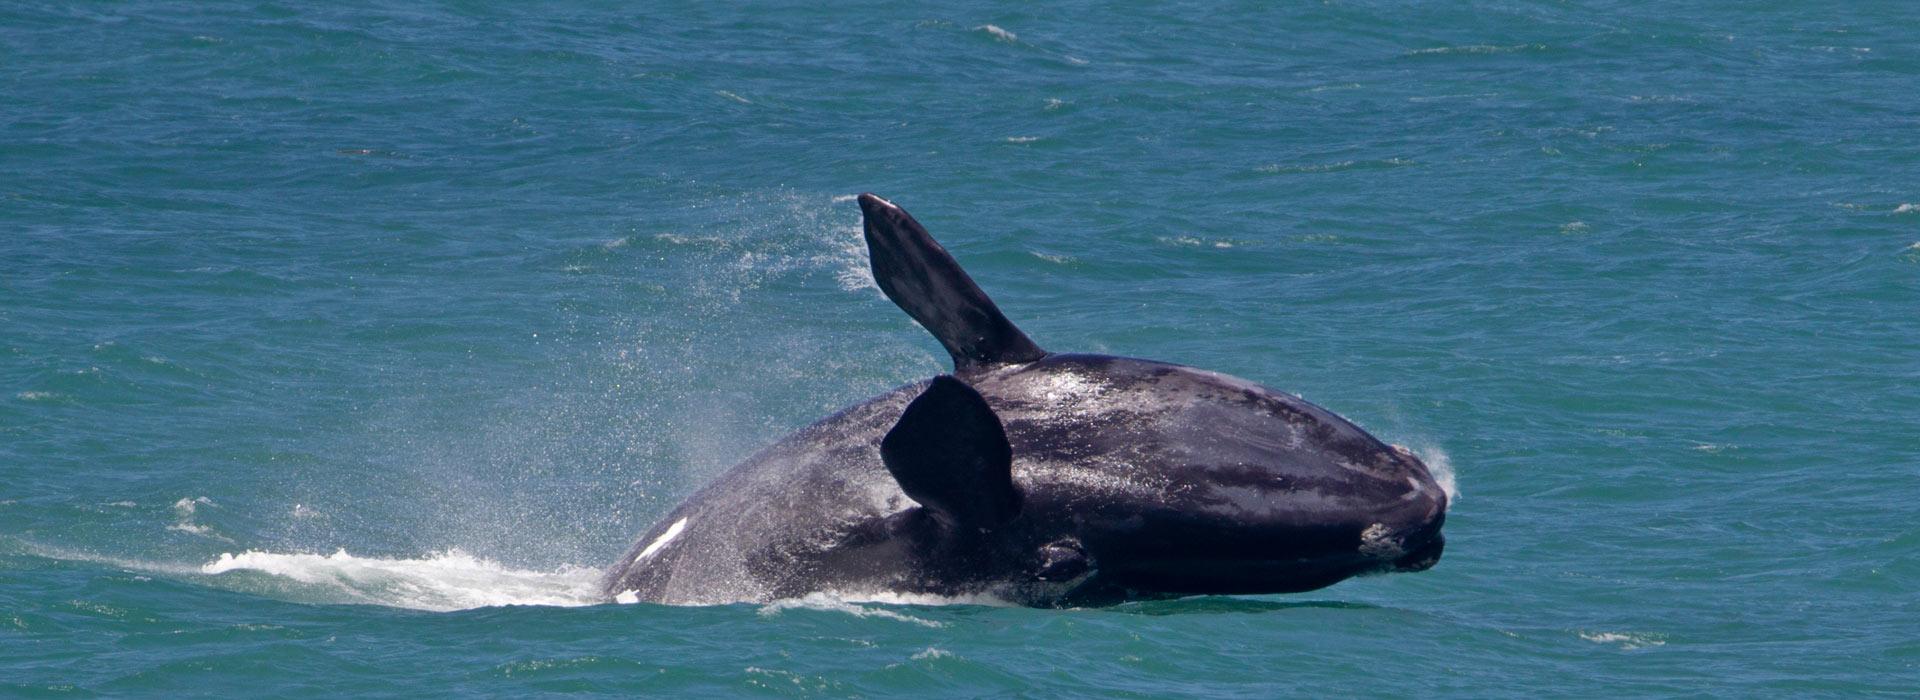 il_salto_della_balena